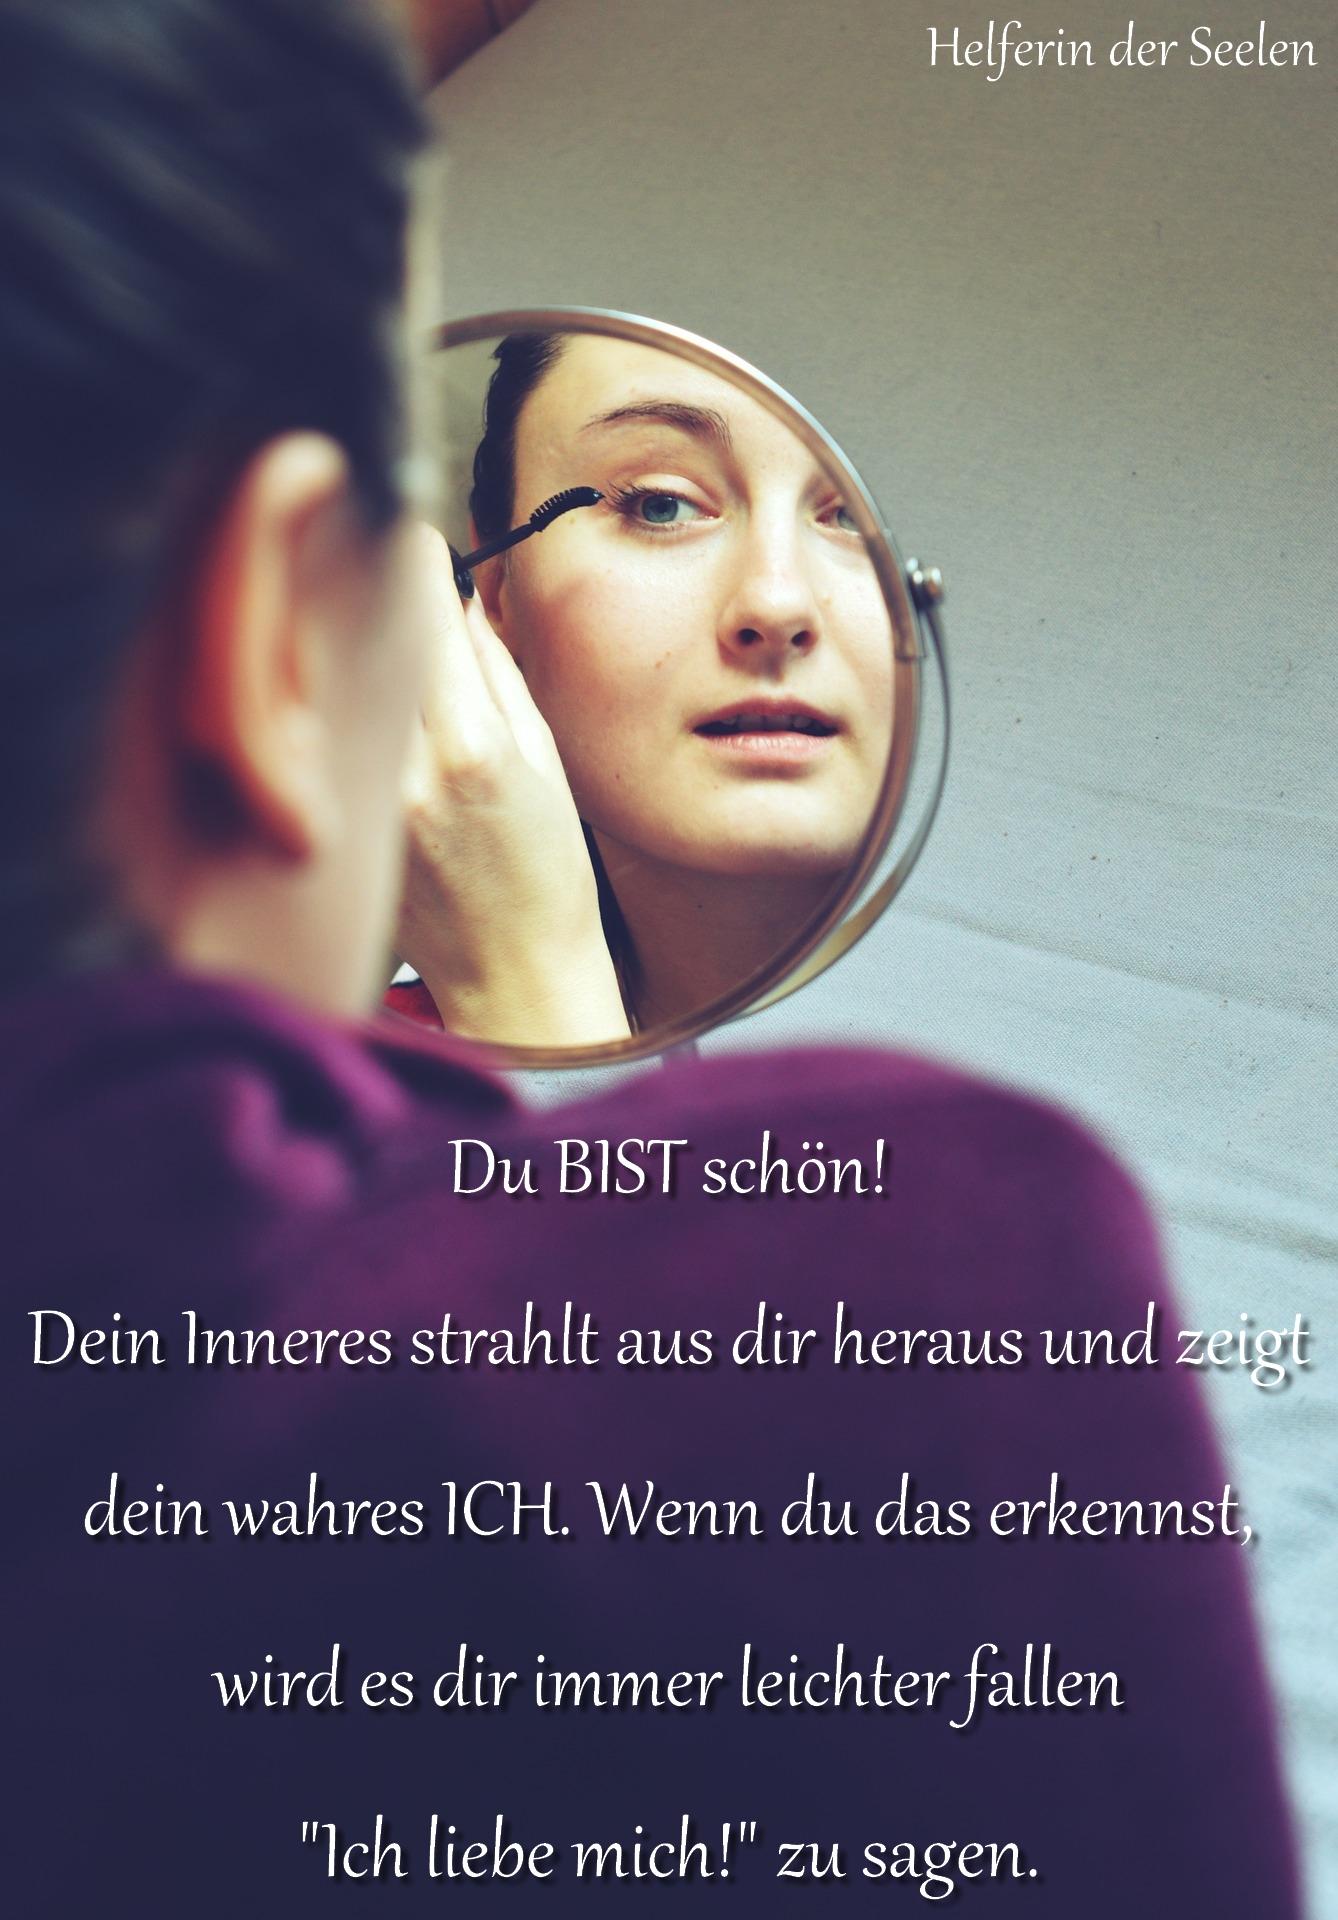 Spiegel Frau Schönheit pixabay Text